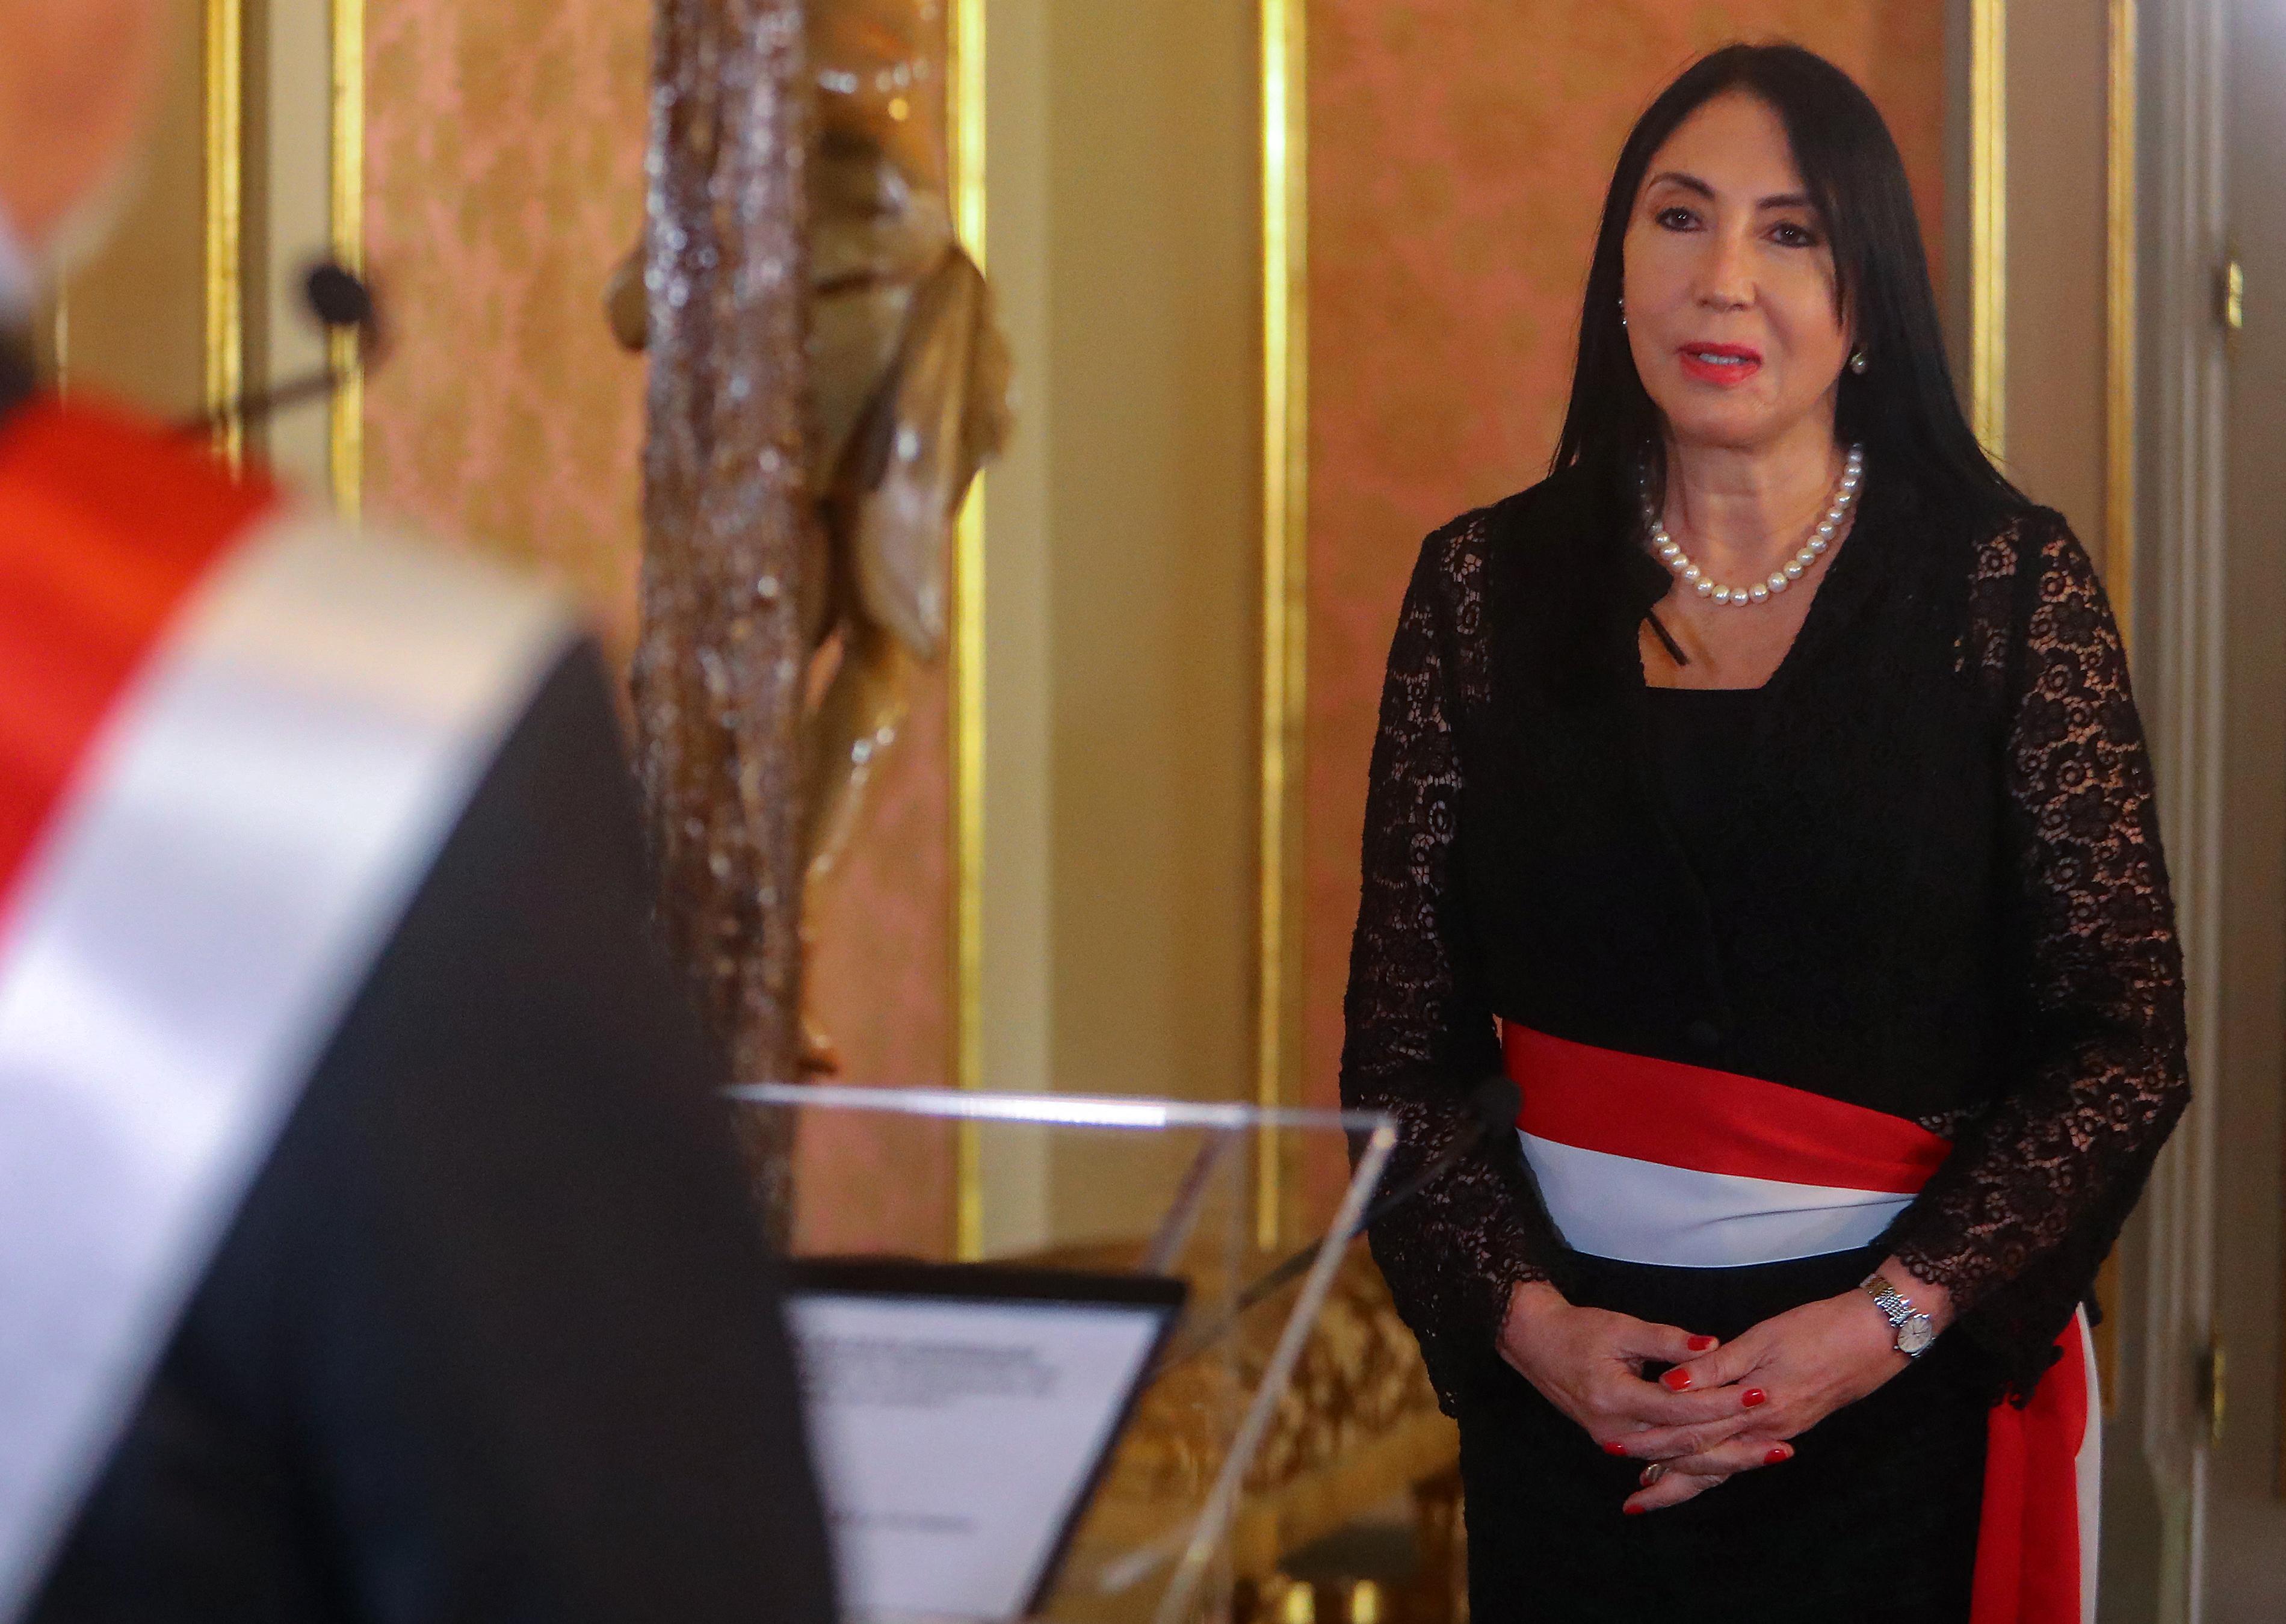 Lemondott a perui külügyminiszter, amiért soron kívül oltatta be magát